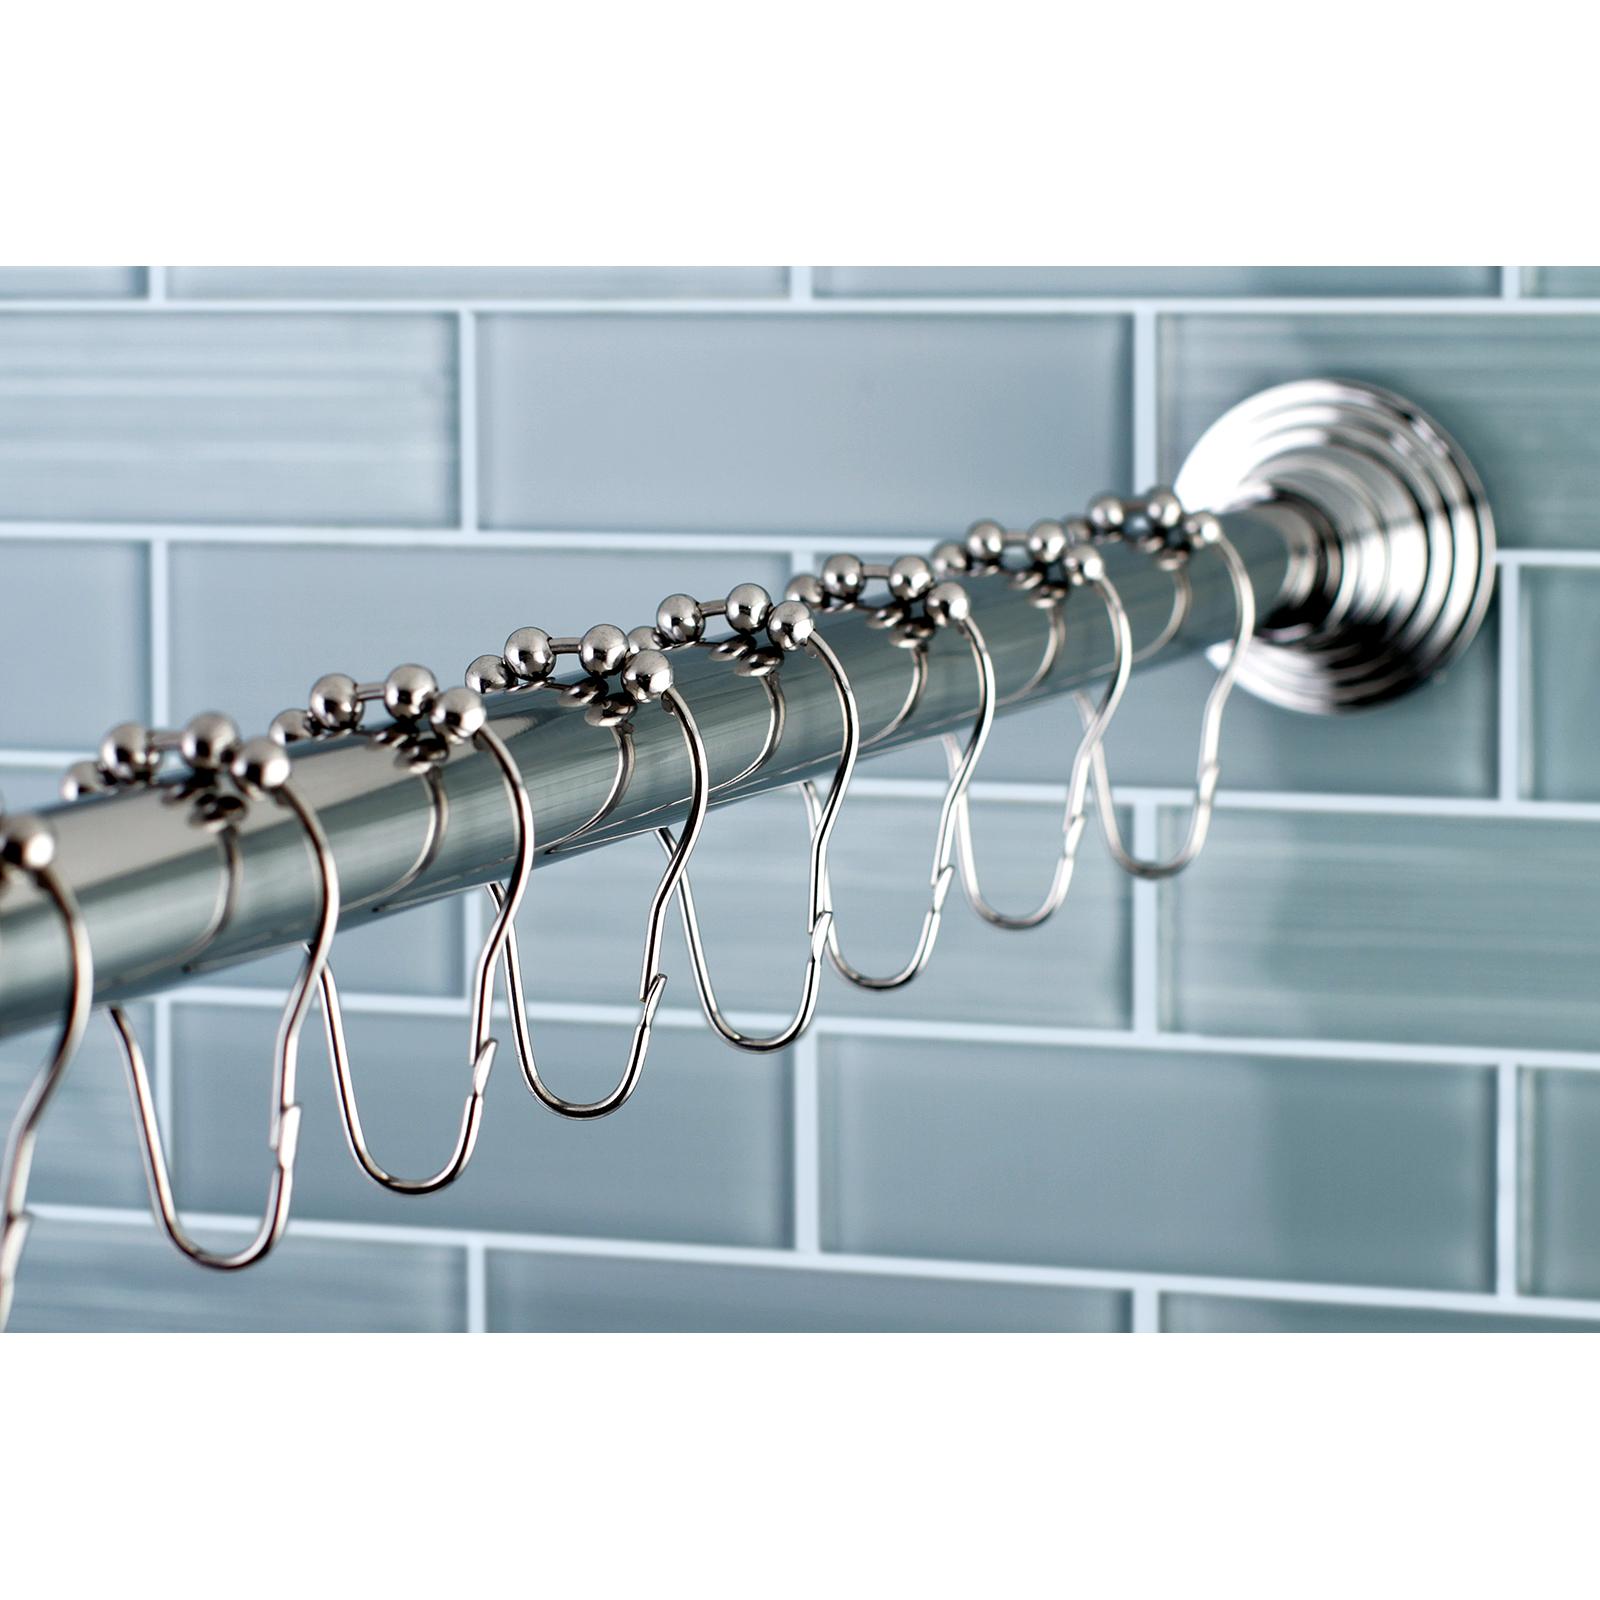 Edenscape Edenscape Kingston Brass Scc2711 Adjustable Shower Rod And Shower Ring Set